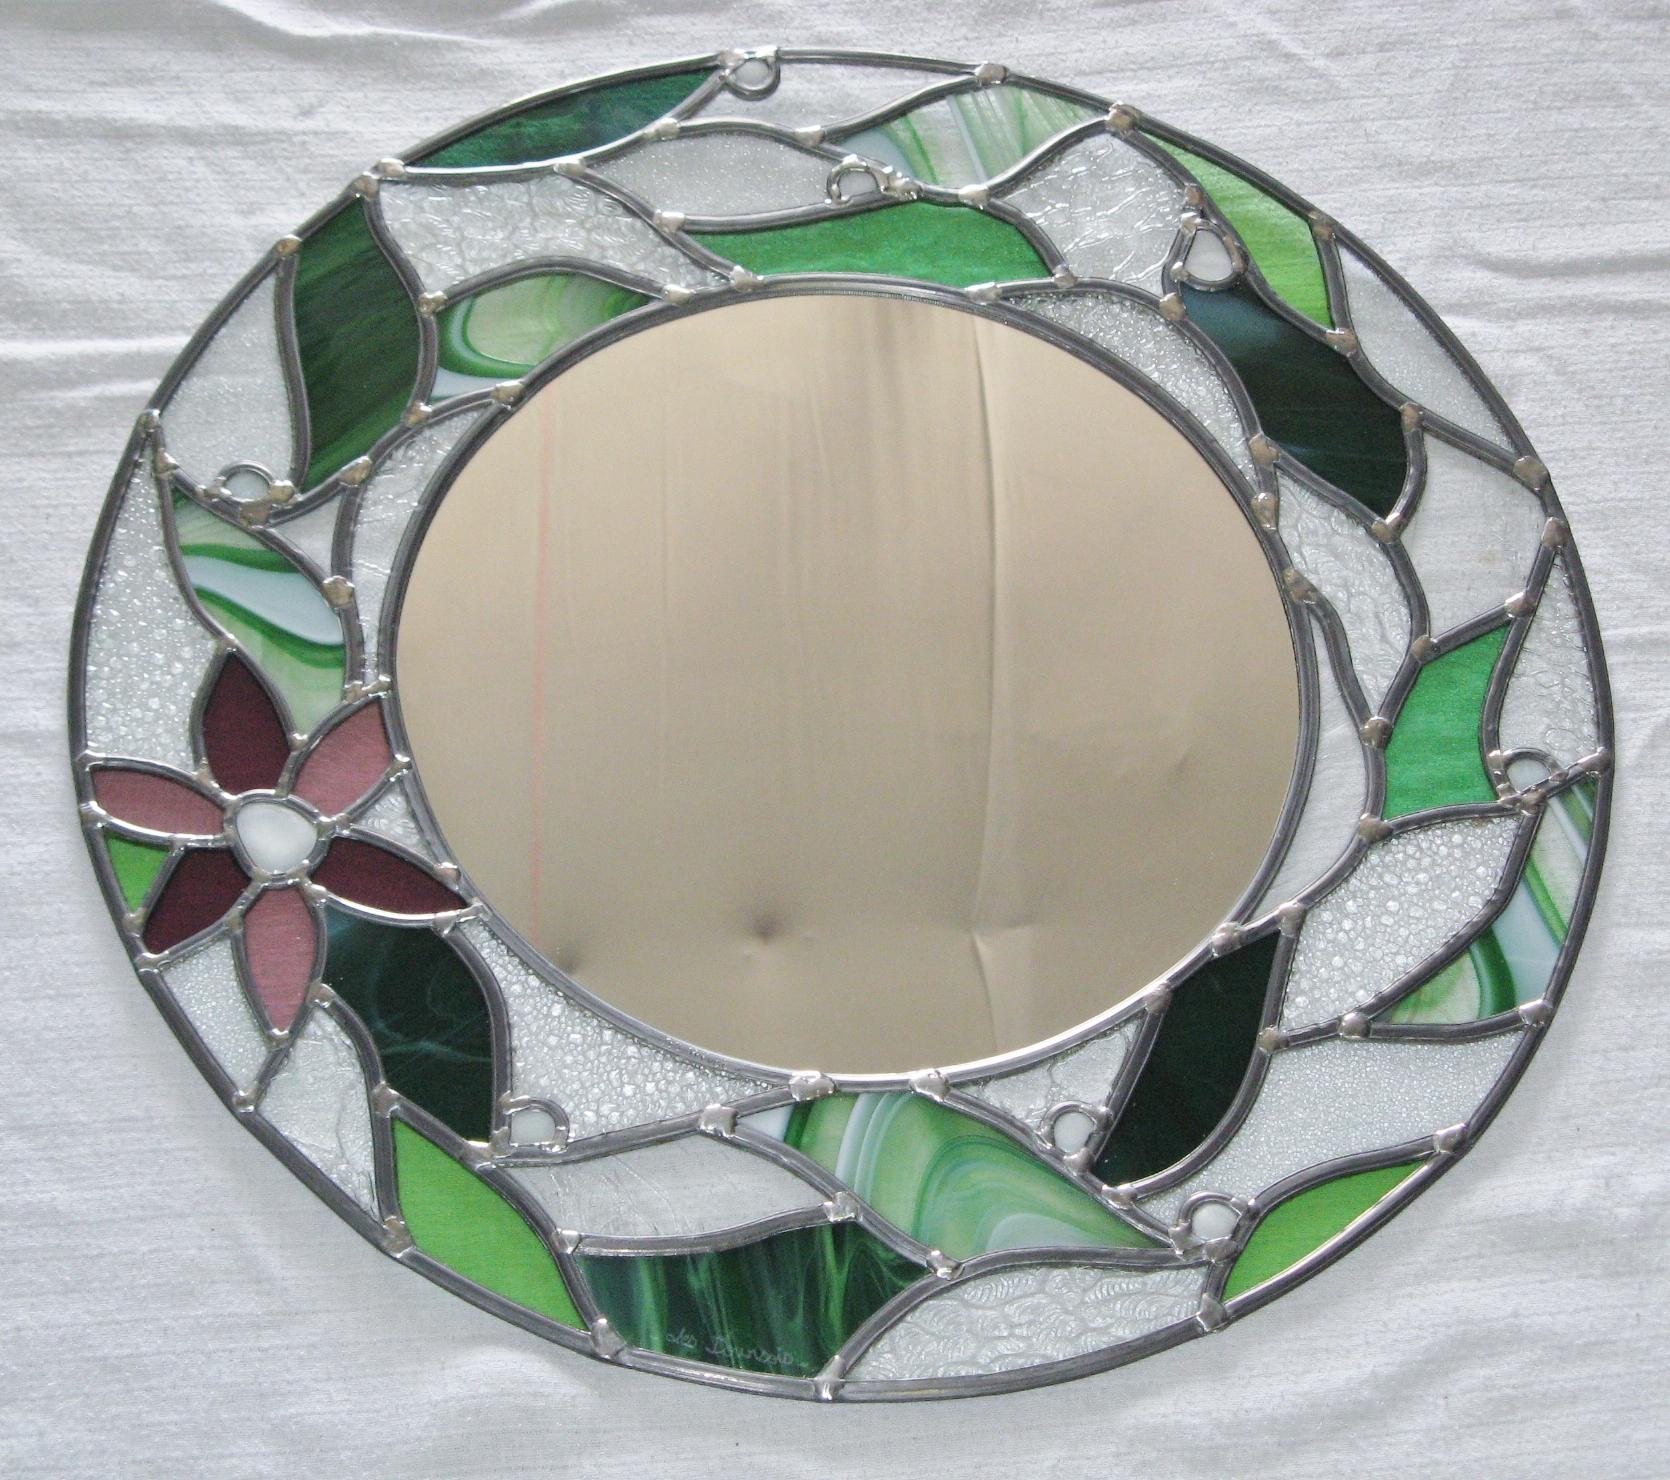 Miroir Vitrail Modeles l'atelier d'anne-sophie | créations